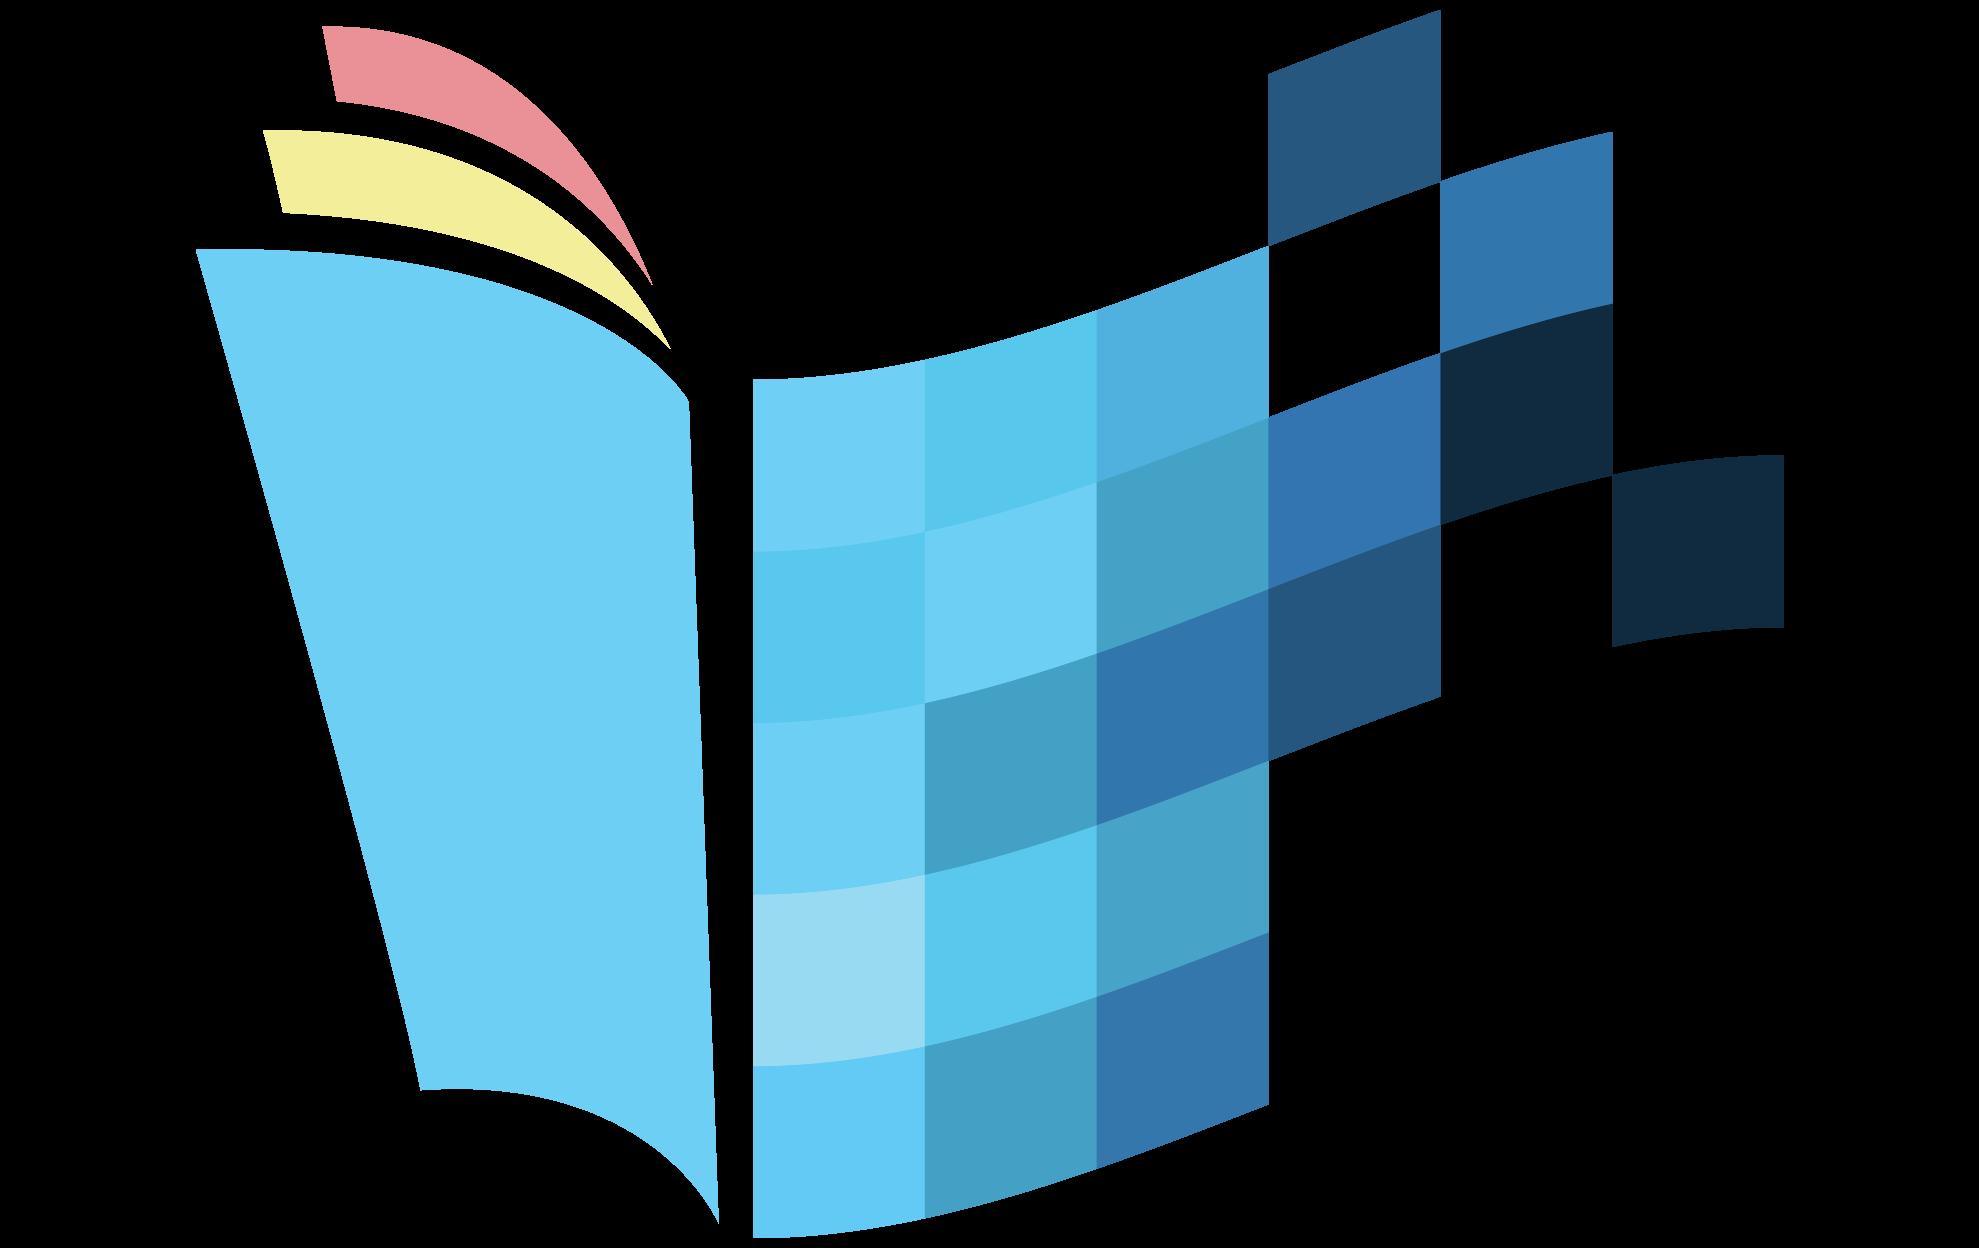 AnOpenLetterTo Logo